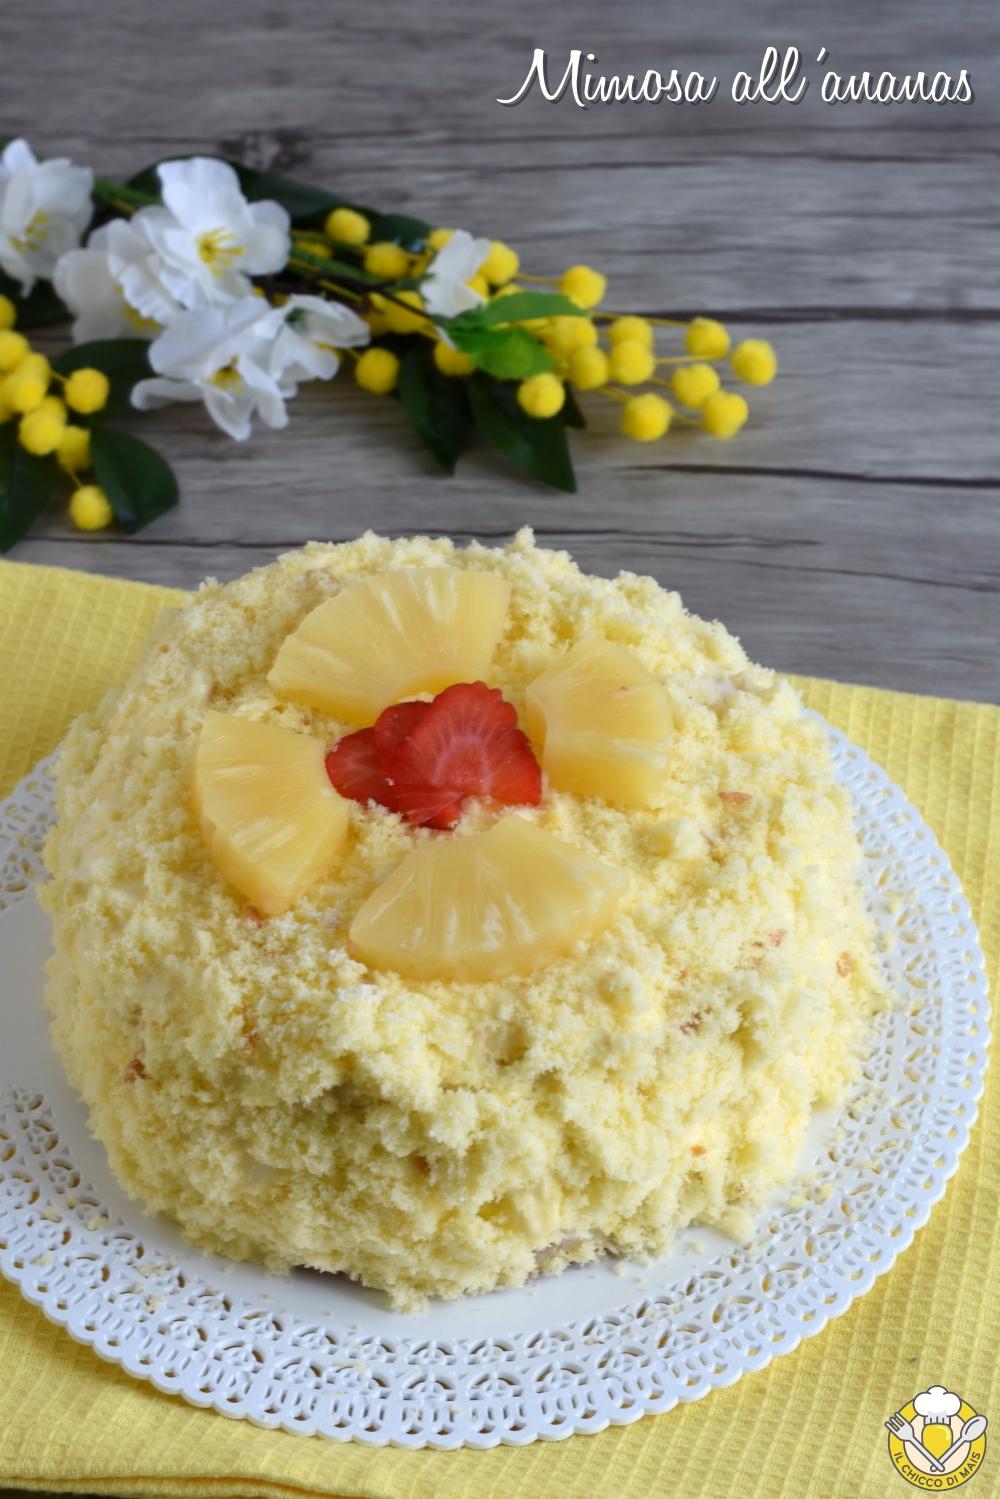 v int_ torta mimosa all'ananas ricetta facile con foto passo passo torta di compleanno il chicco di mais